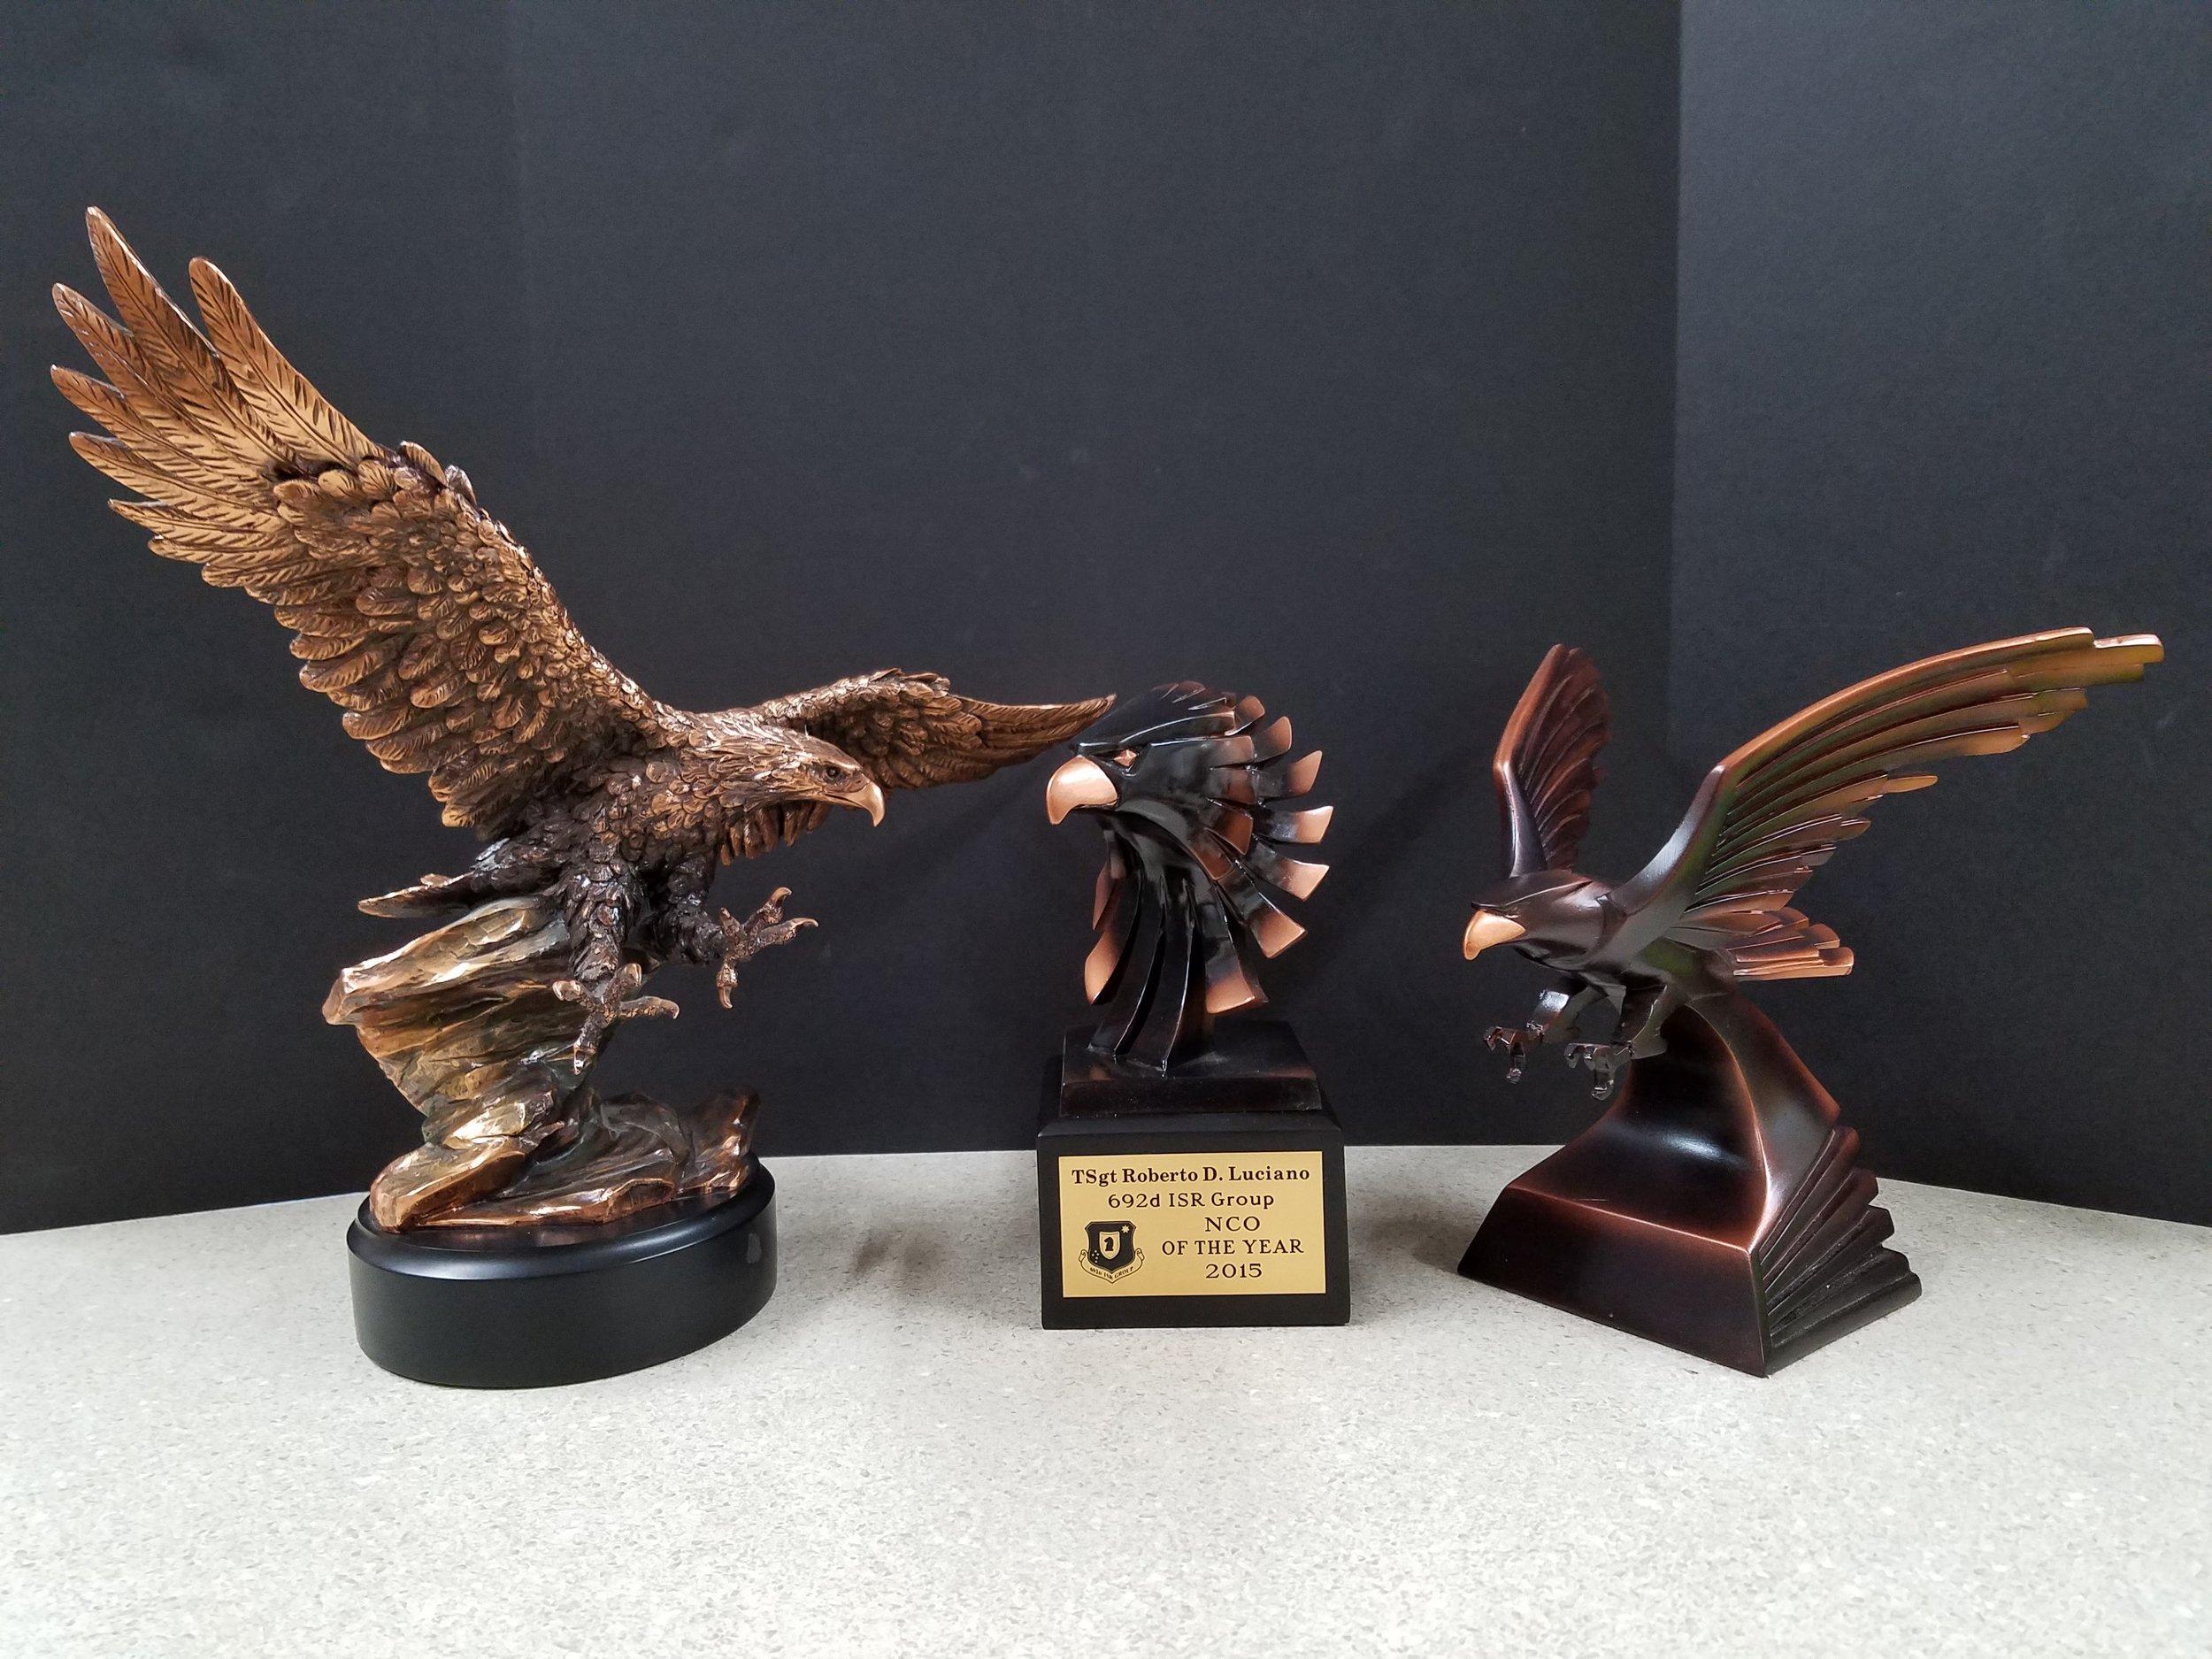 """EAGLE 1  (14"""") - 159.00,  EAGLE HEAD  (9"""") - 94.00,  EAGLE 2  (9"""") - 105.00"""